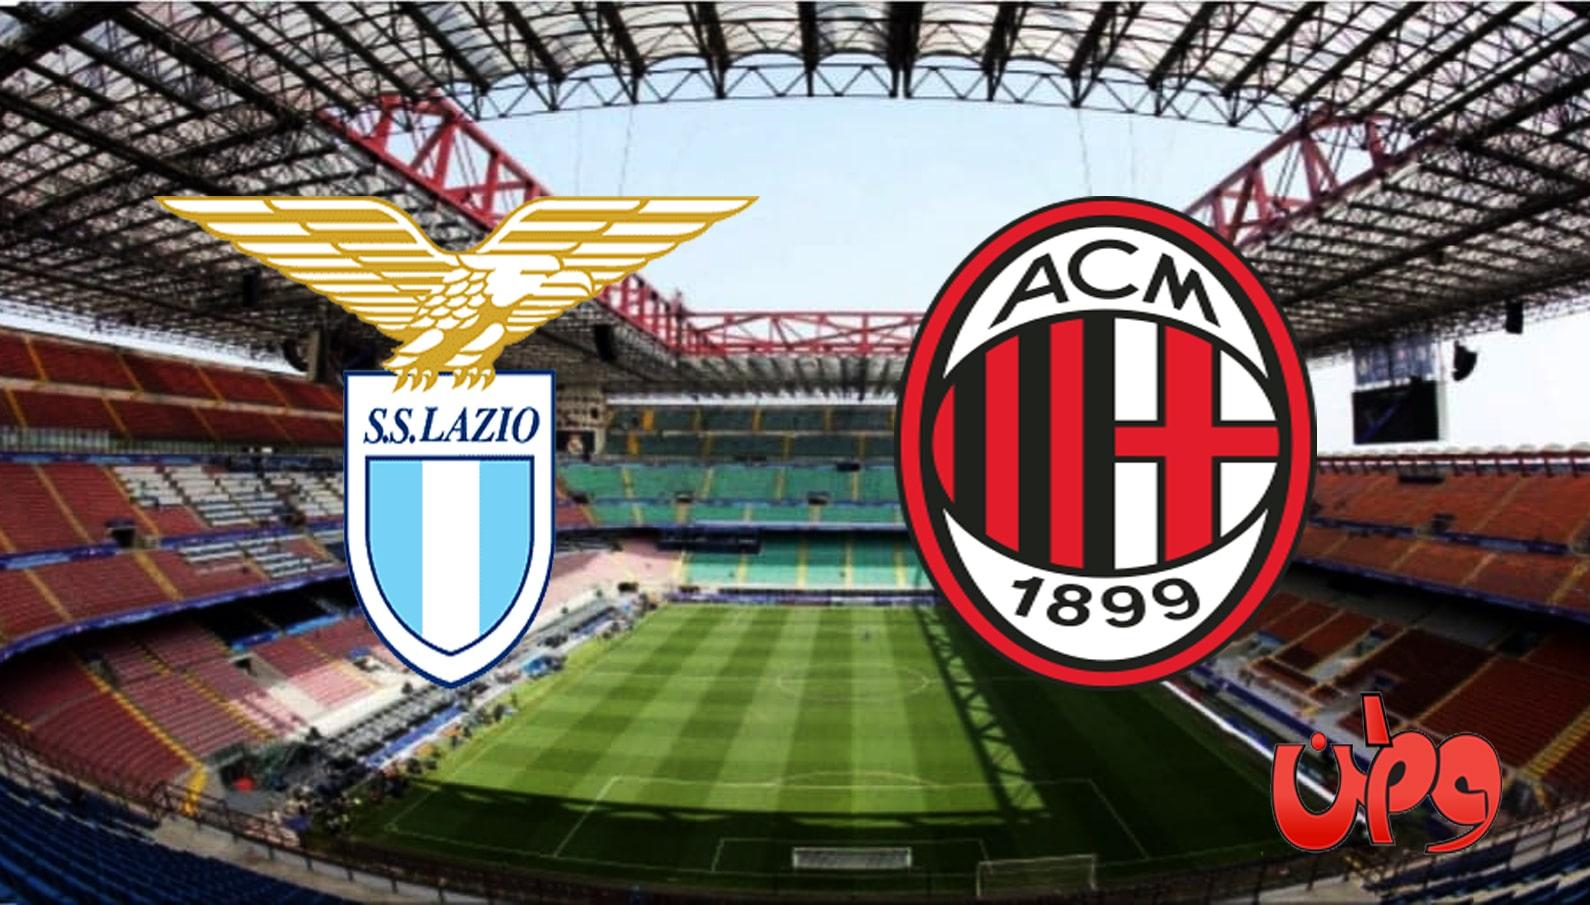 تعرف على موعد مباراة ميلان ولاتسيو في الدوري الإيطالي مع عودة إبراهيموفيتش